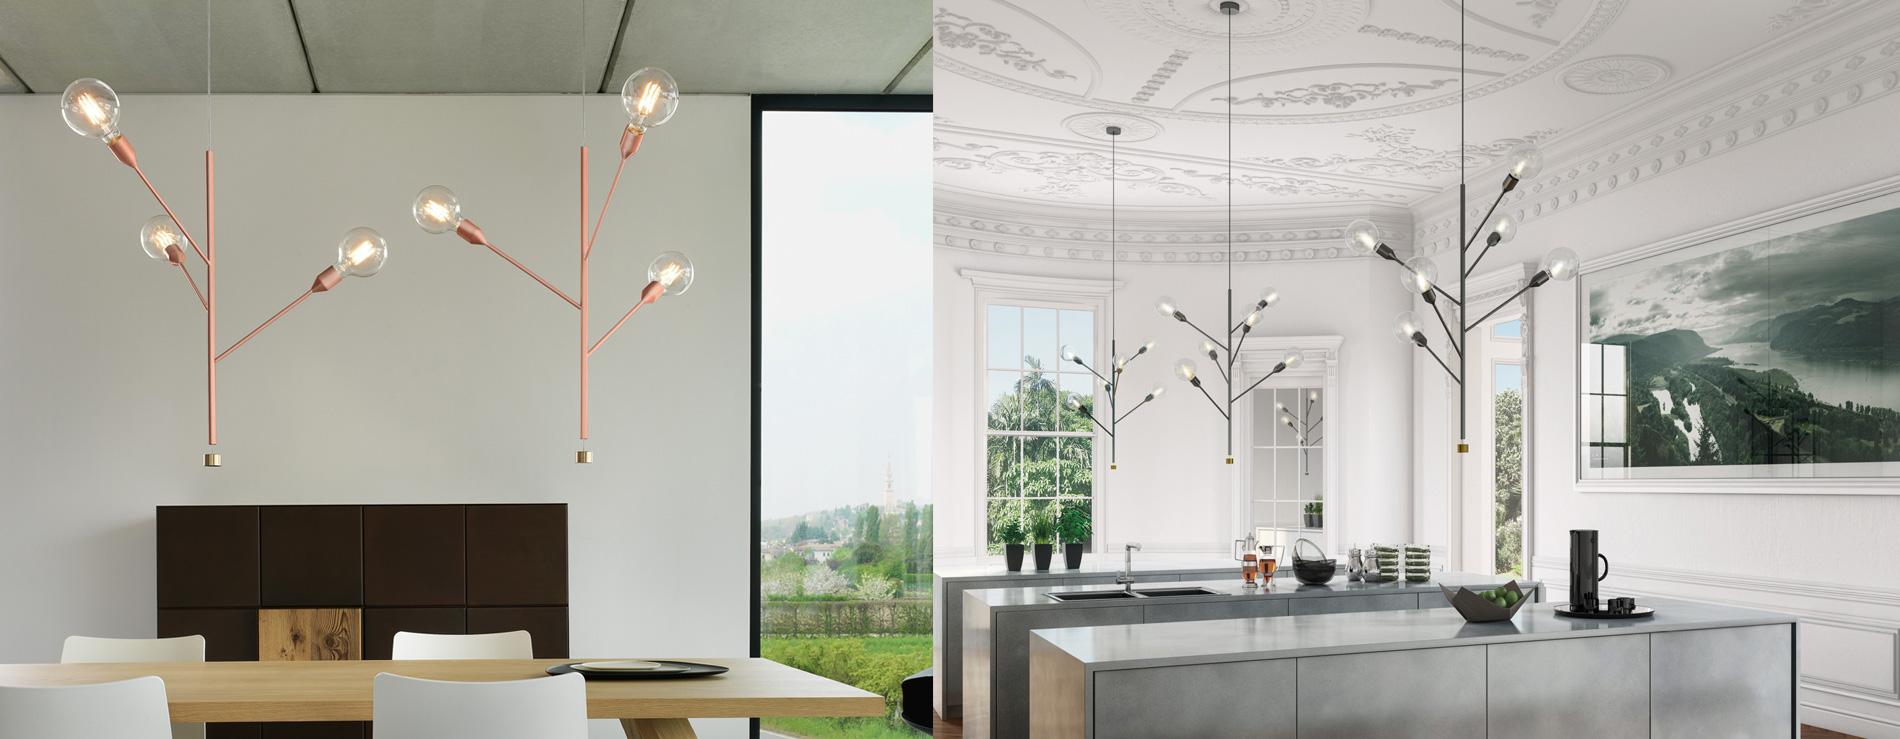 Lampada Baobab - Modo Luce